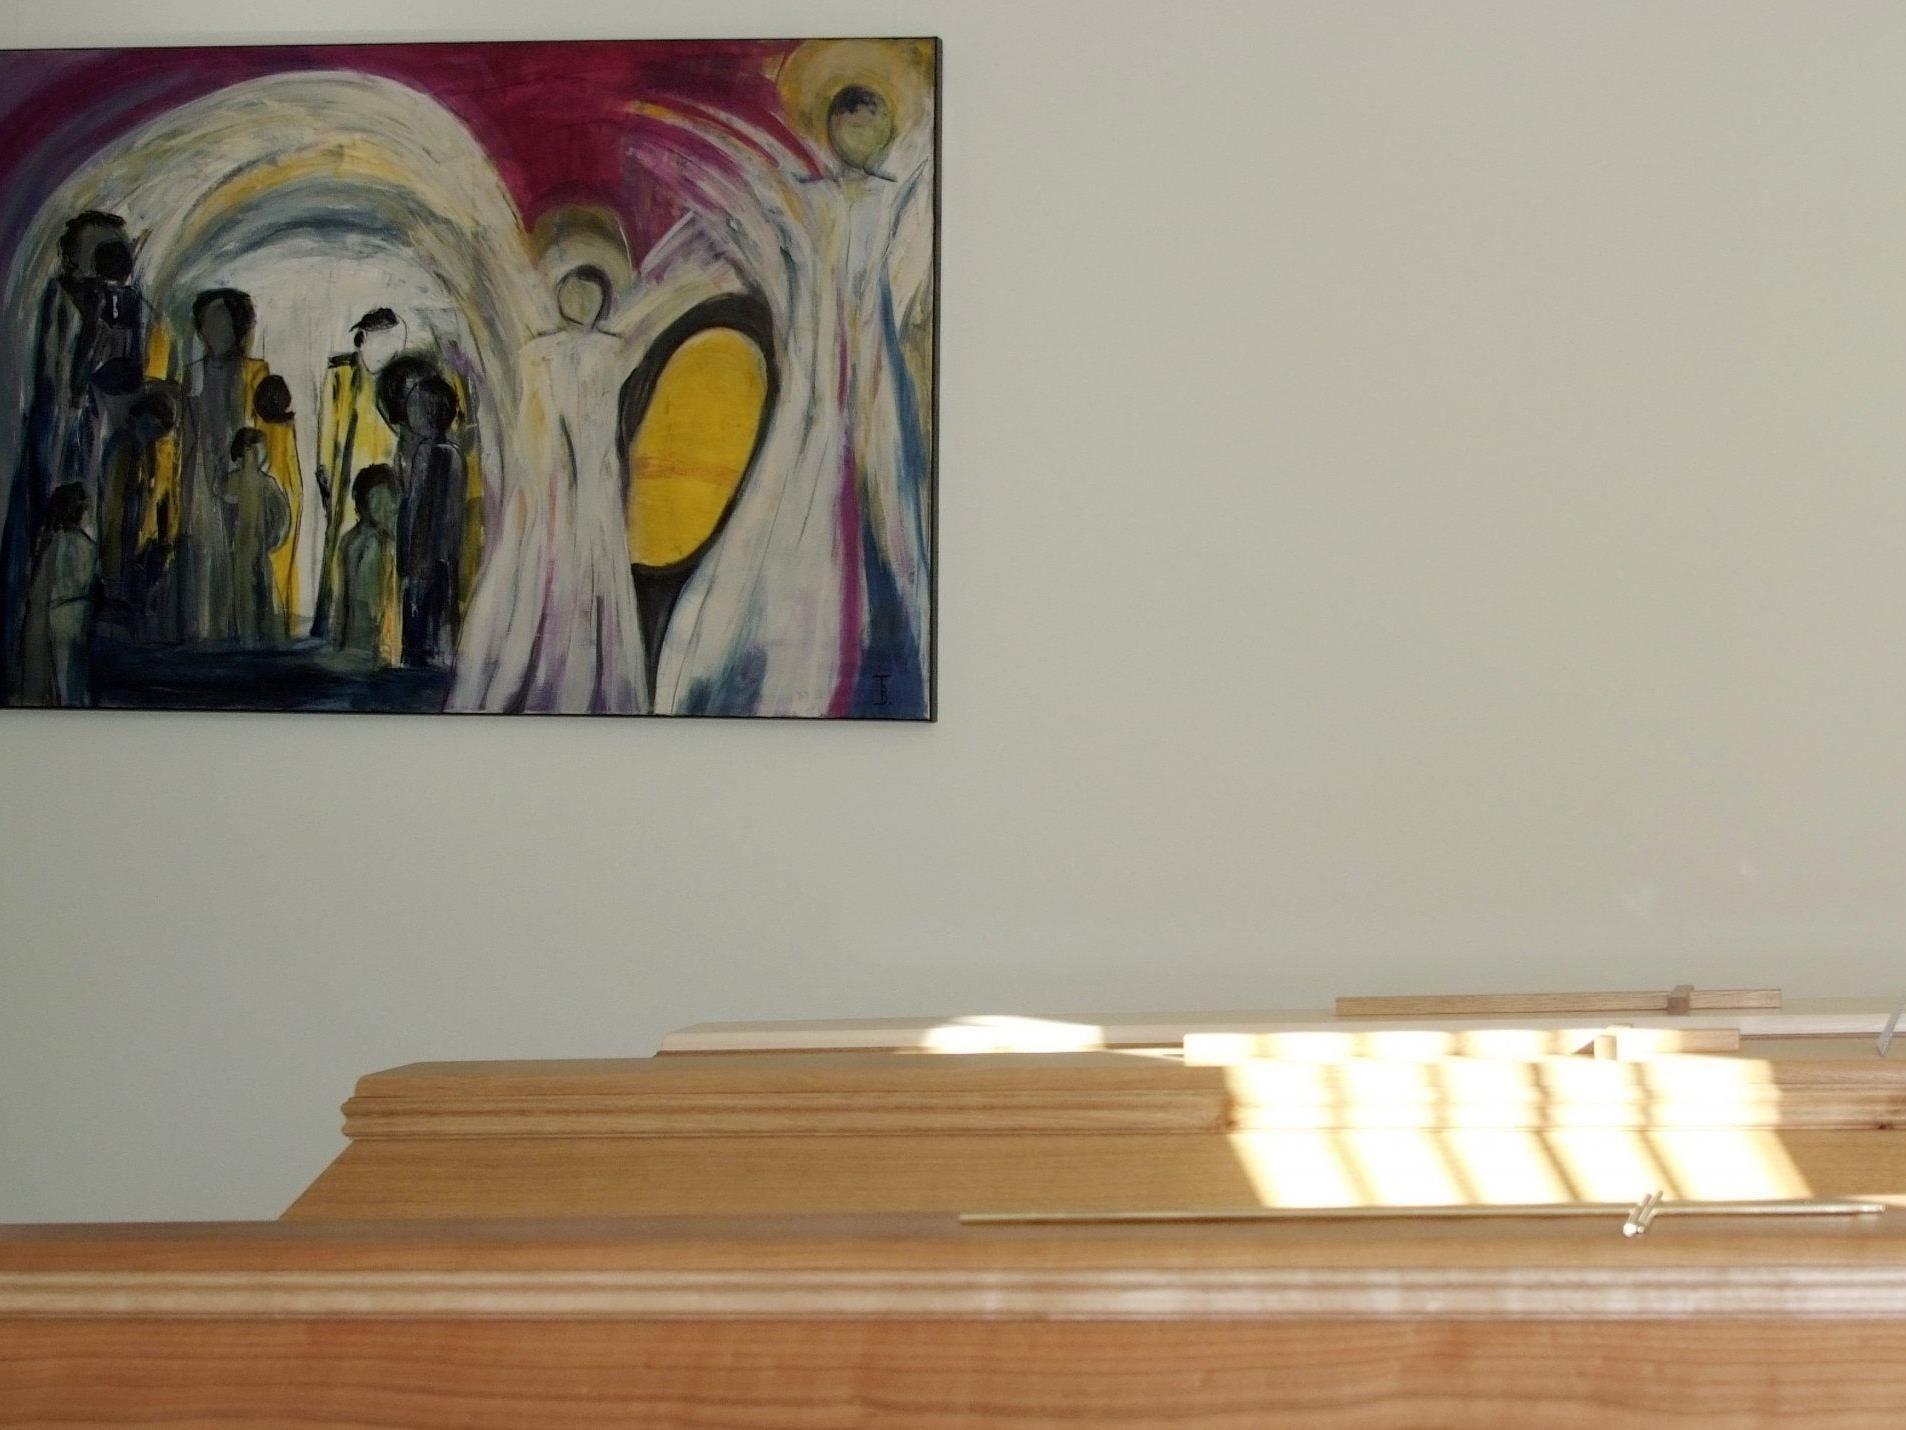 Über professionelle Trauerarbeit wird in der Walserbibliothek St. Gerold informiert.